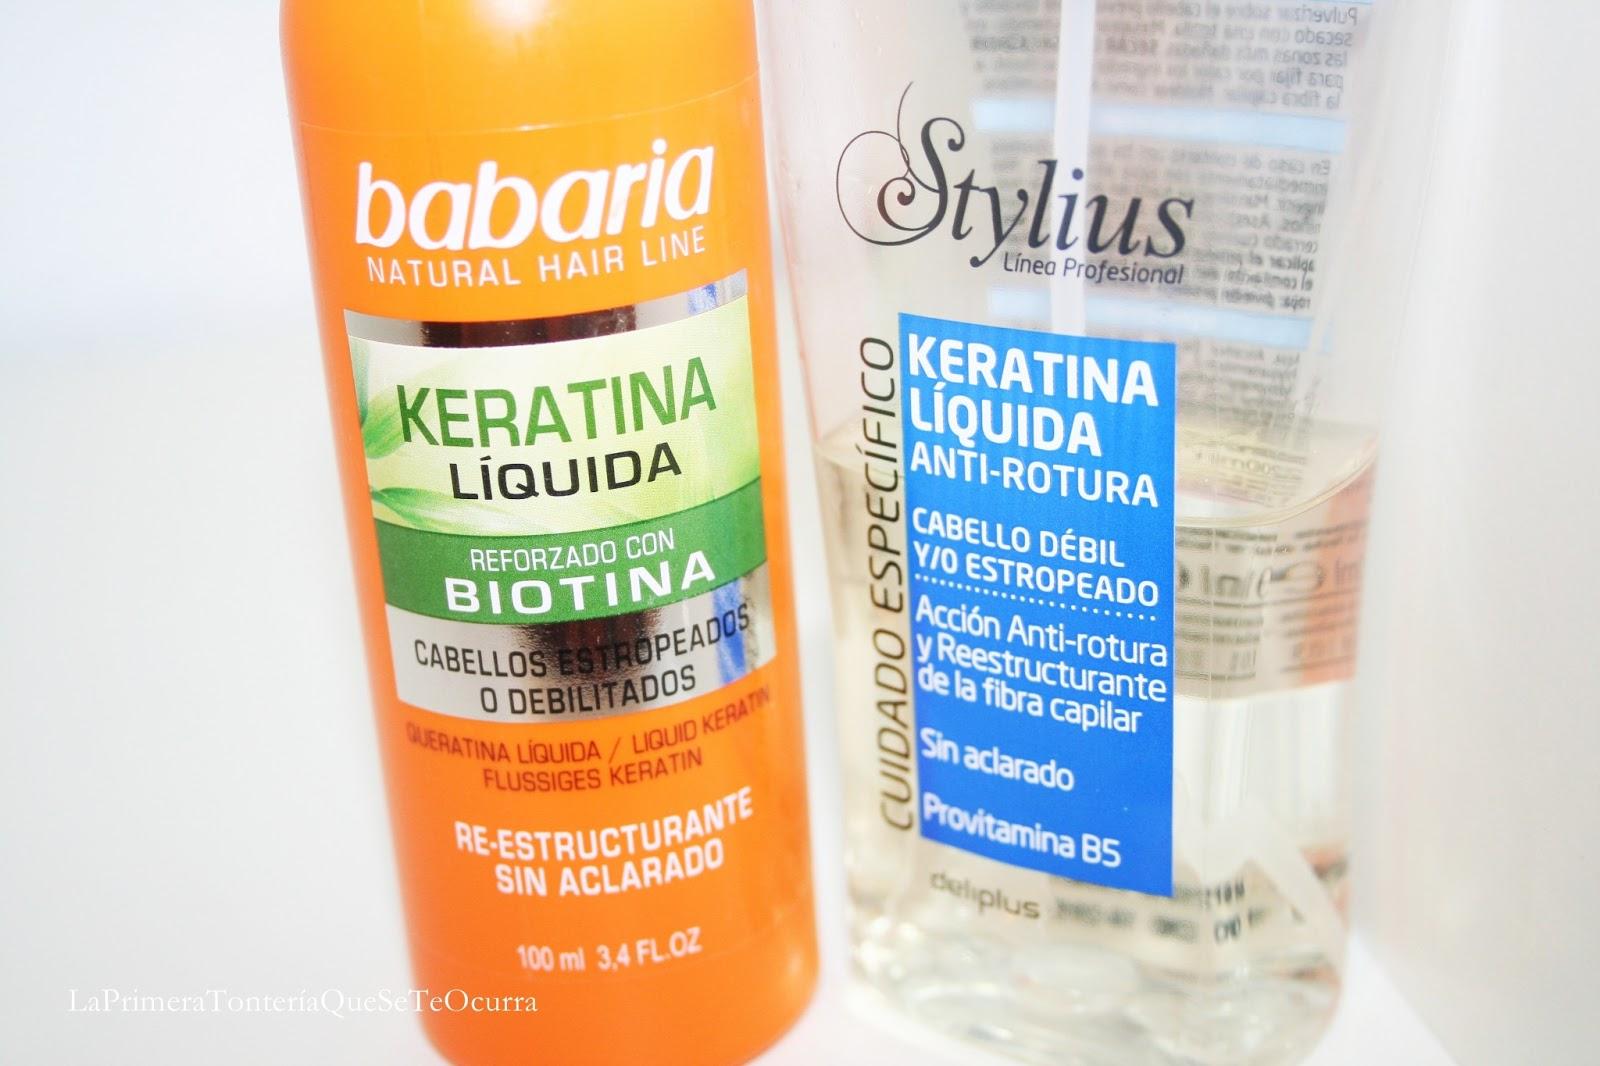 El objetivo de la keratina líquida es rellenar la fibra capilar, recomponer su estructura y mediante el calor (imprescindible usar secador!) sellar el